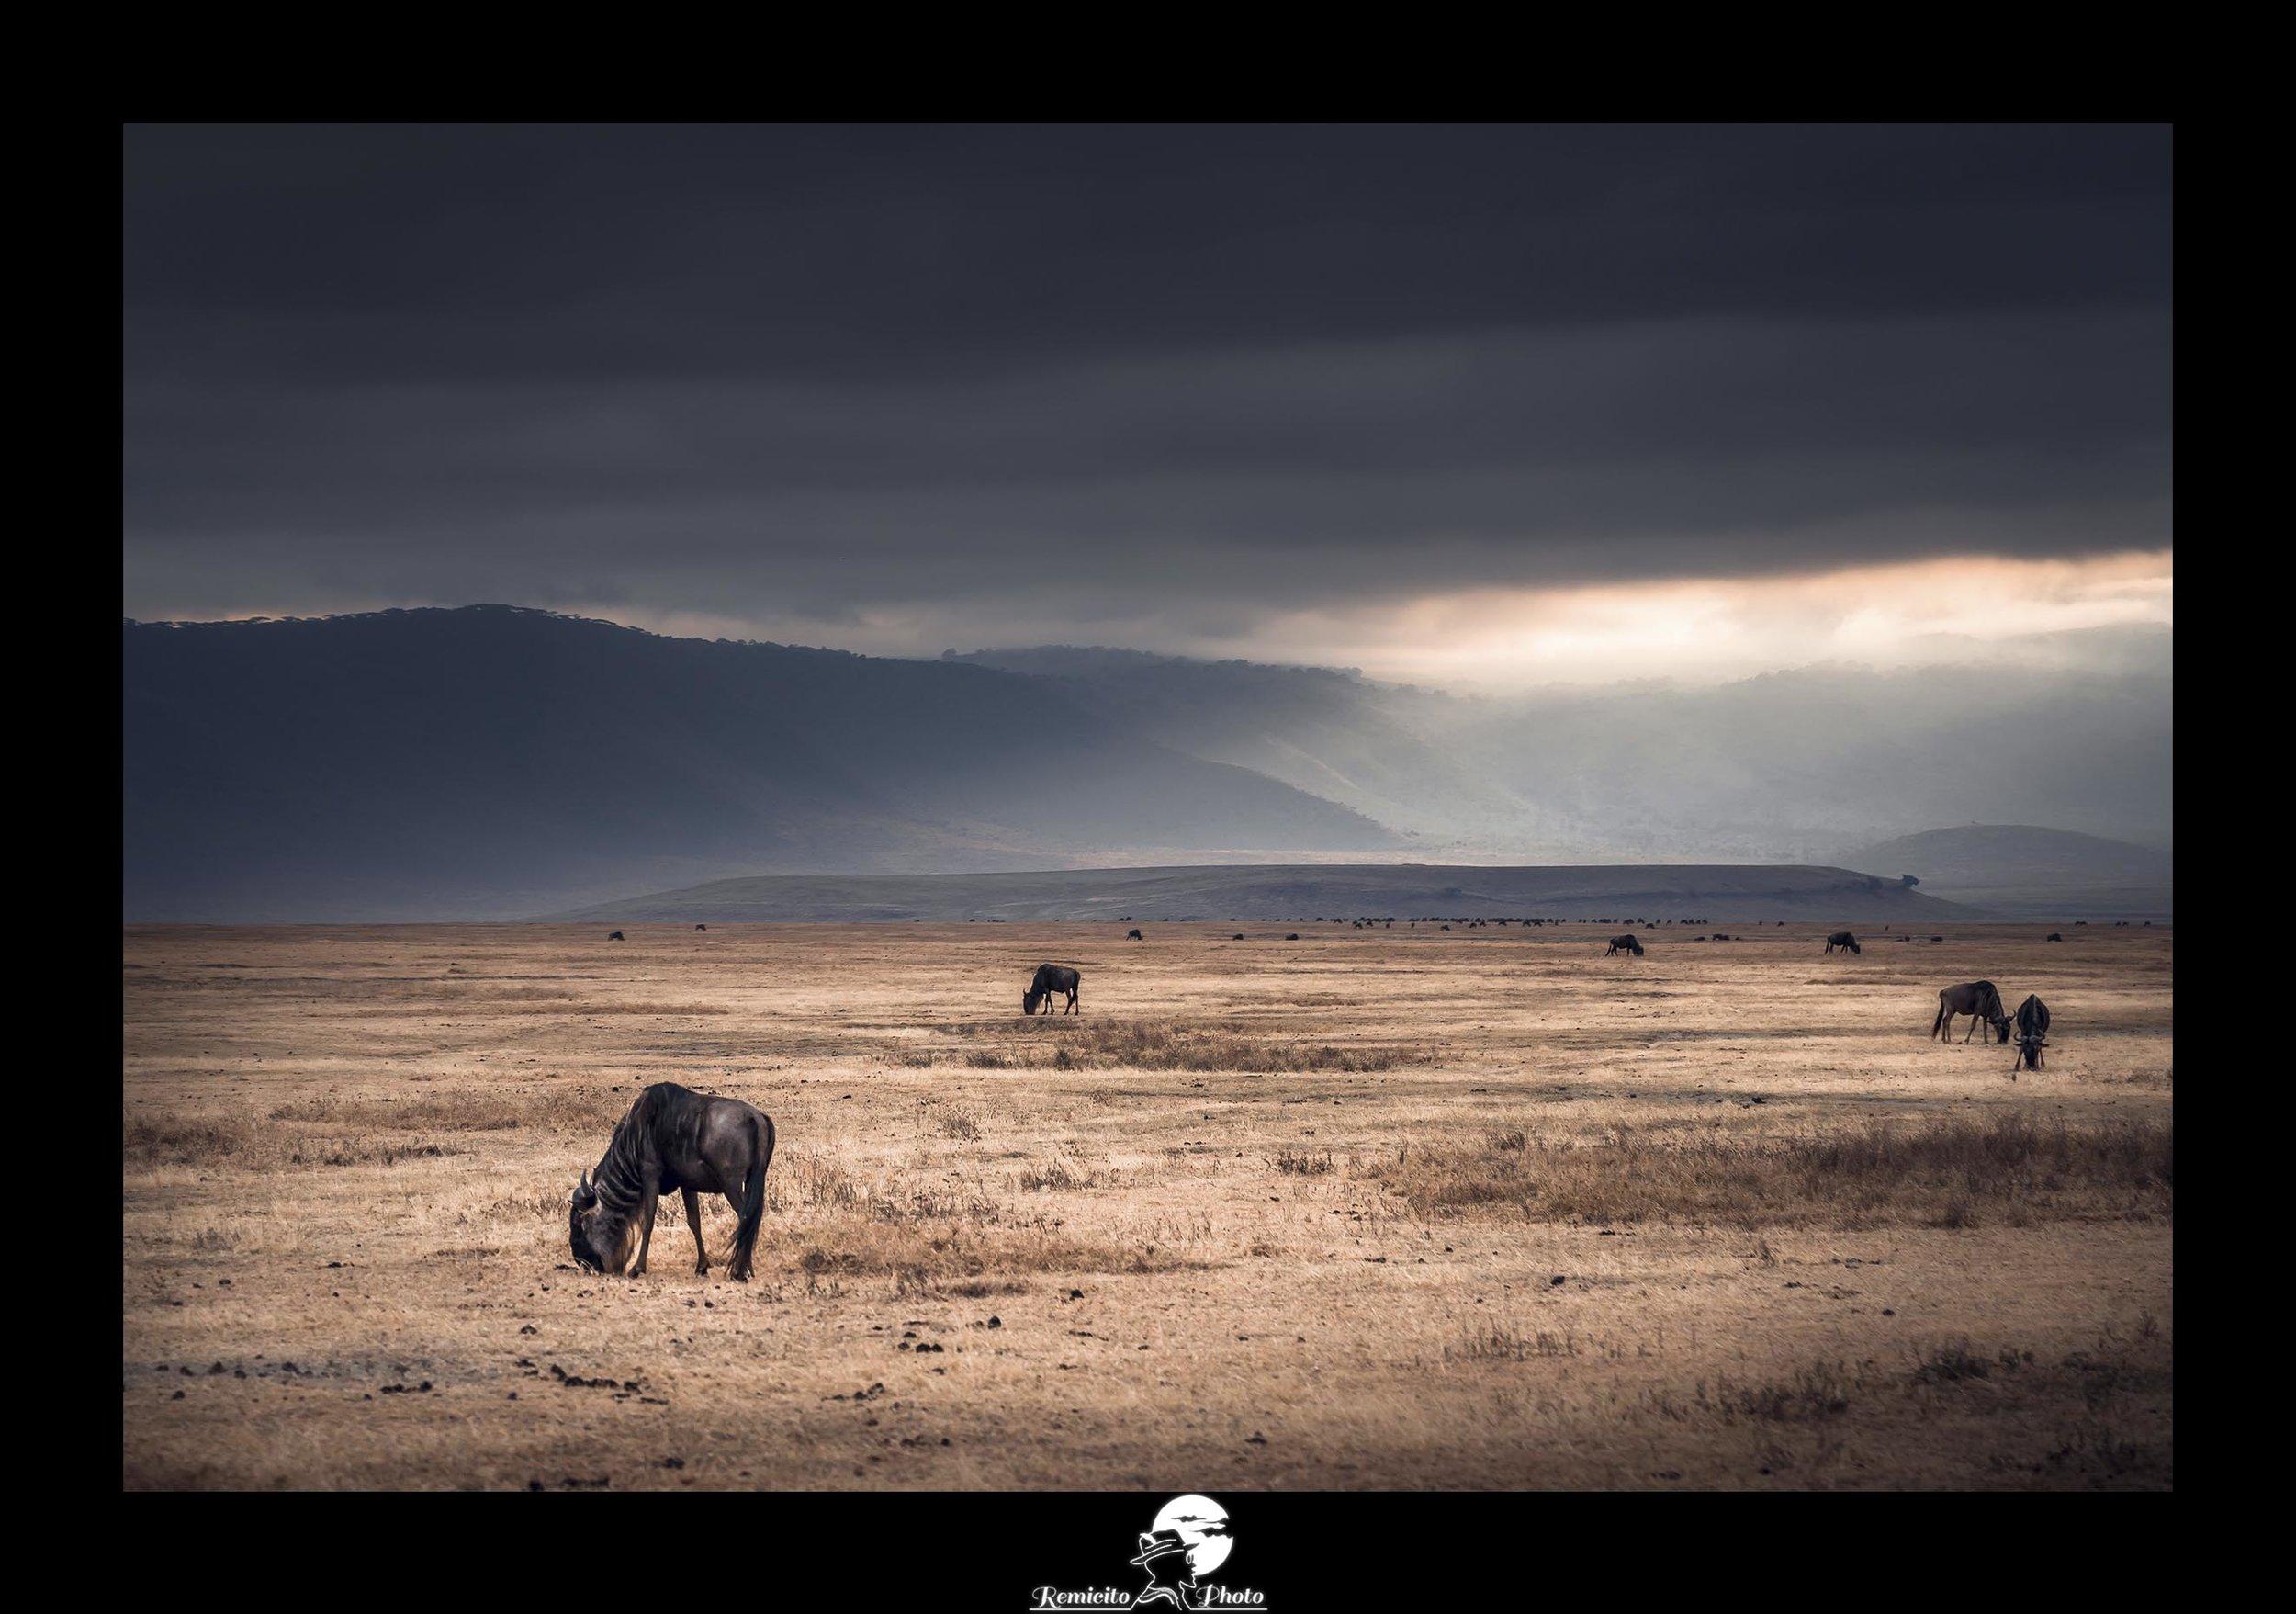 remicito, photoclub paris val-de-bièvre, remicito rémi lacombe, cratère ngorongoro, photo afrique animaux, belle photo animaux idée cadeau